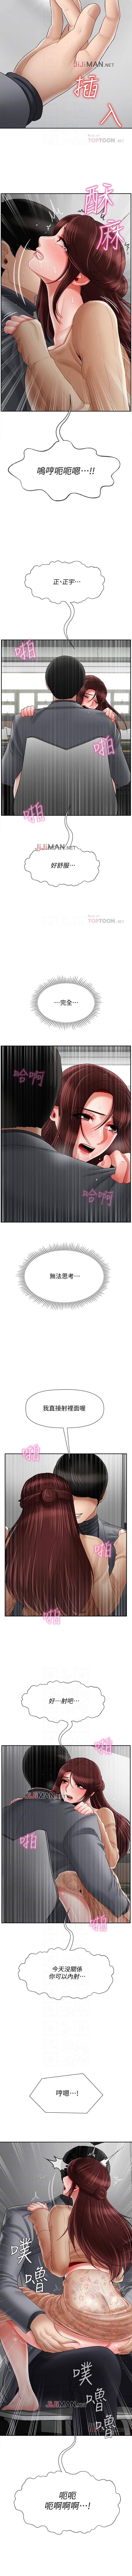 【已休刊】坏老师(作者:朴世談&福) 第1~31话 199